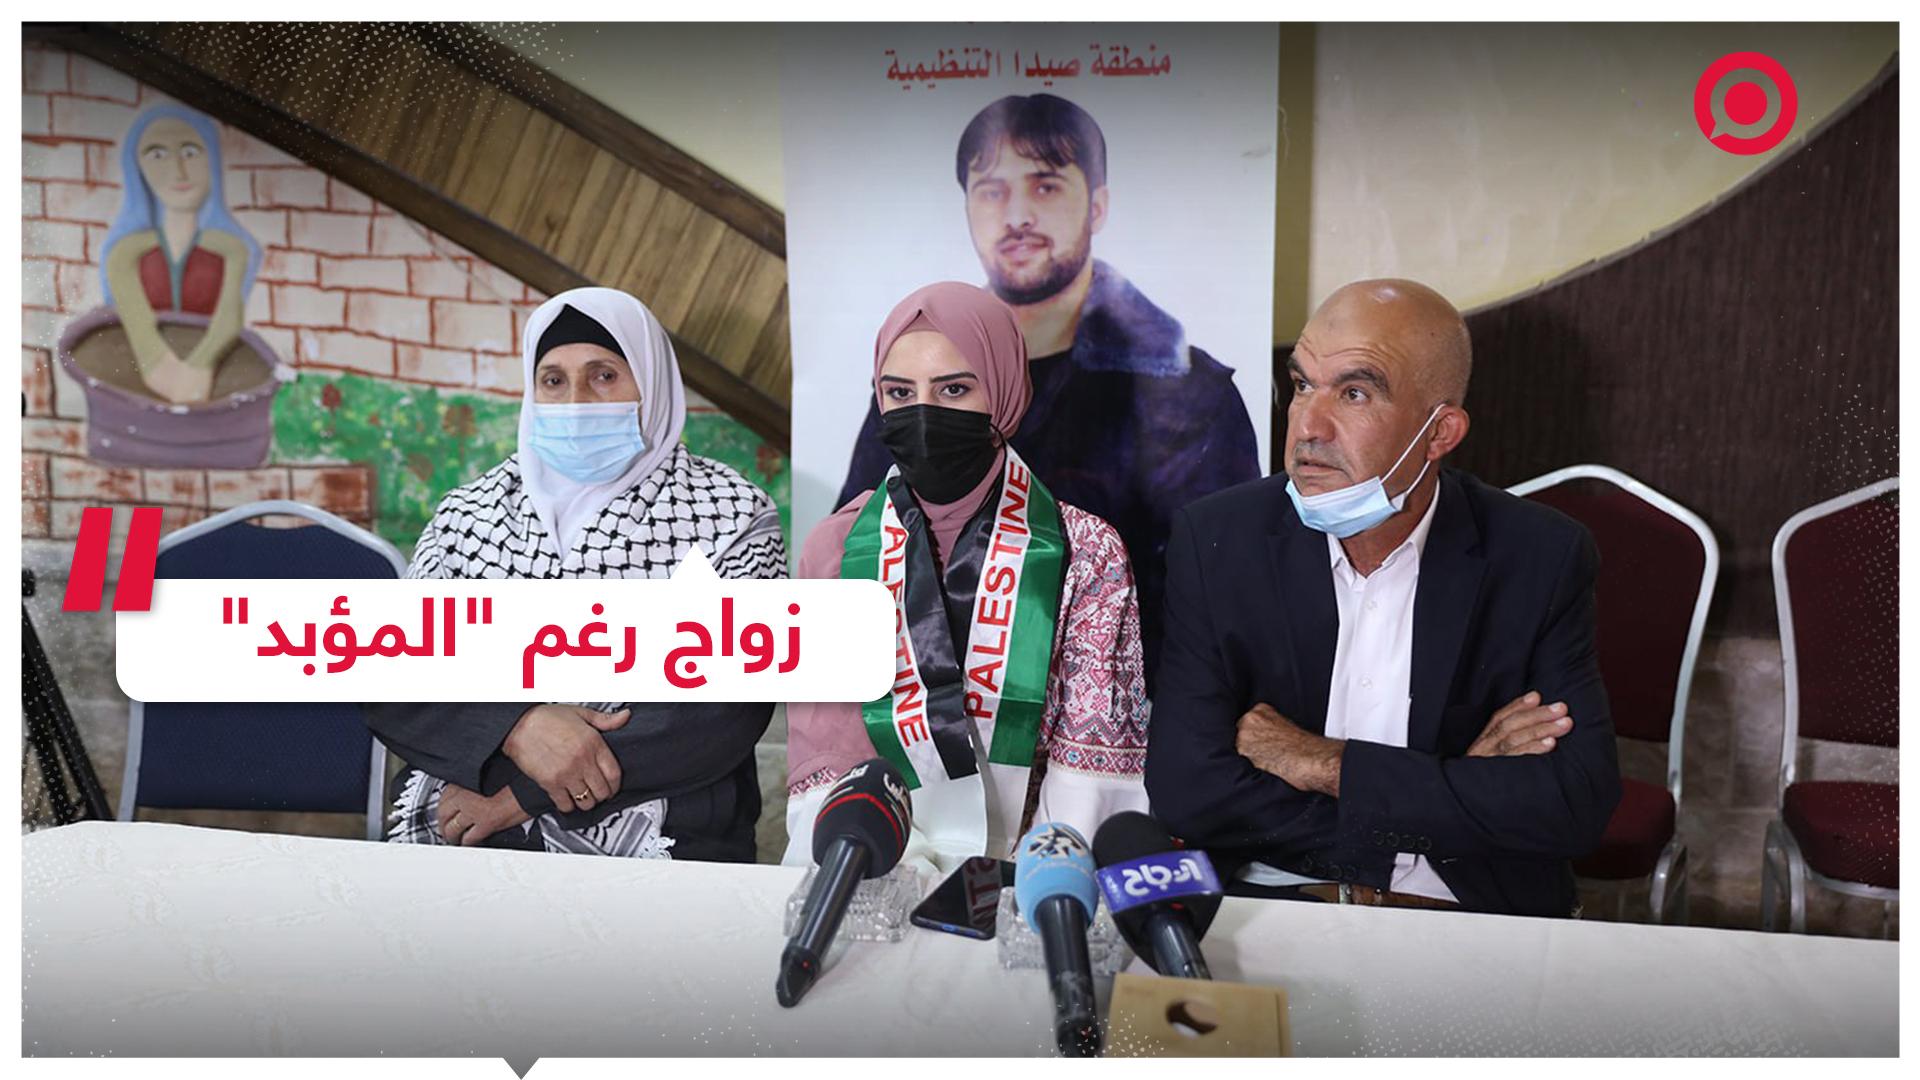 قصة منار خلاوي والأسير الفلسطيني أسامة الأشقر